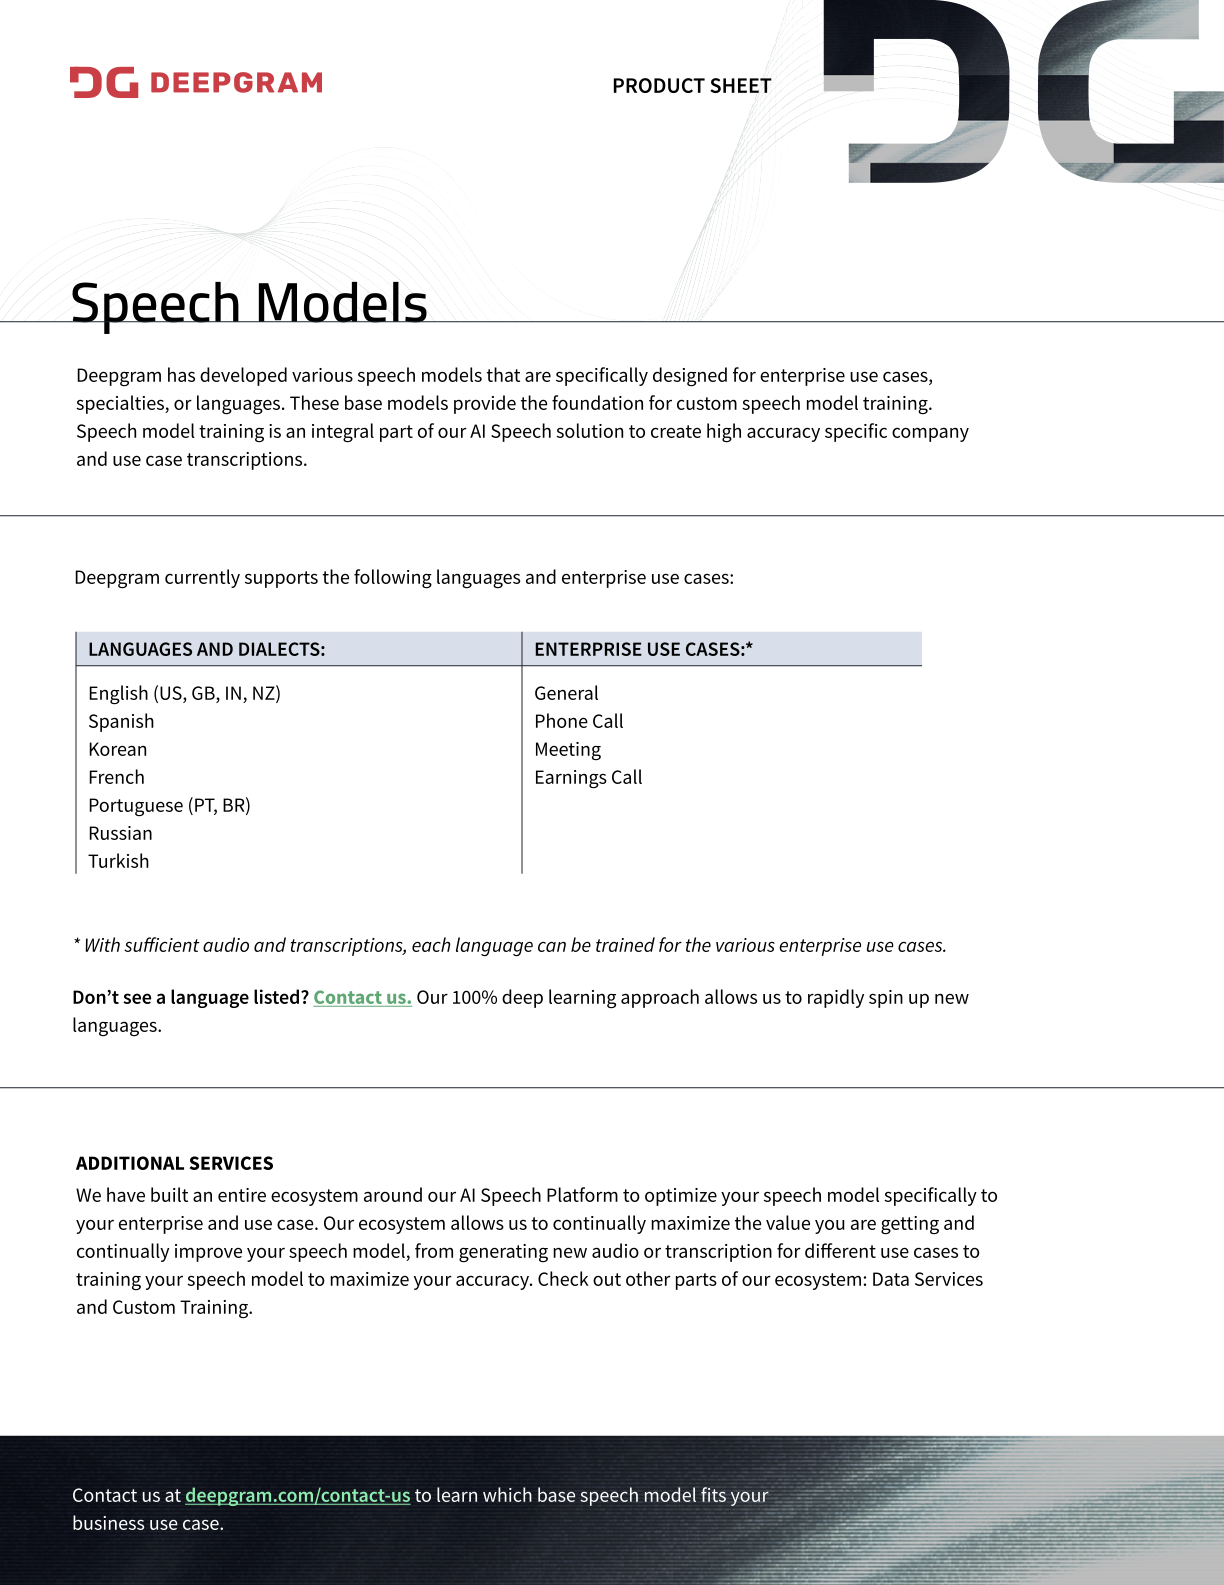 Speech Models Product Sheet